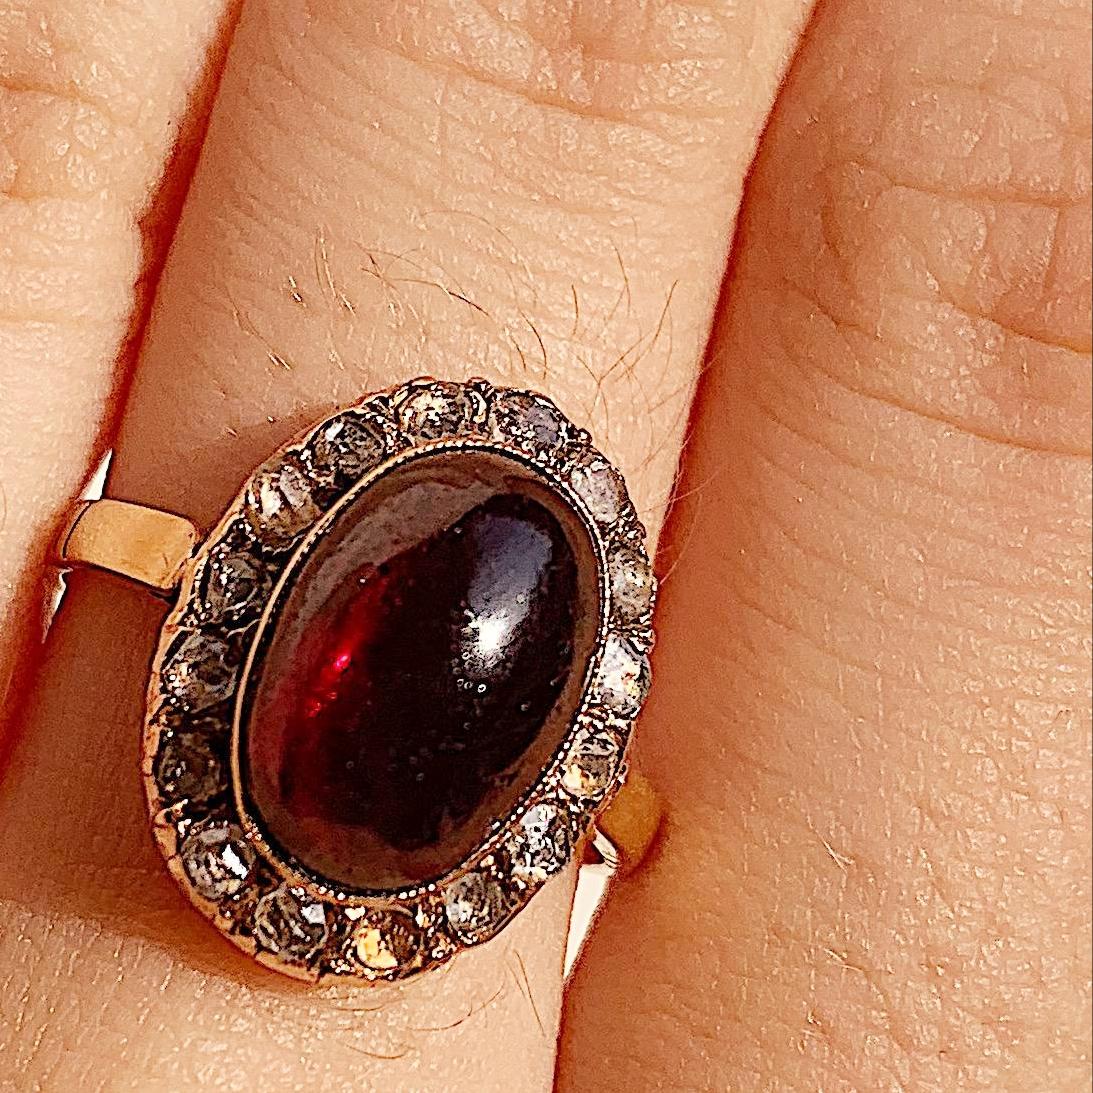 טבעת עתיקה, עם גרנט קבושון ויהלומים קטנים.